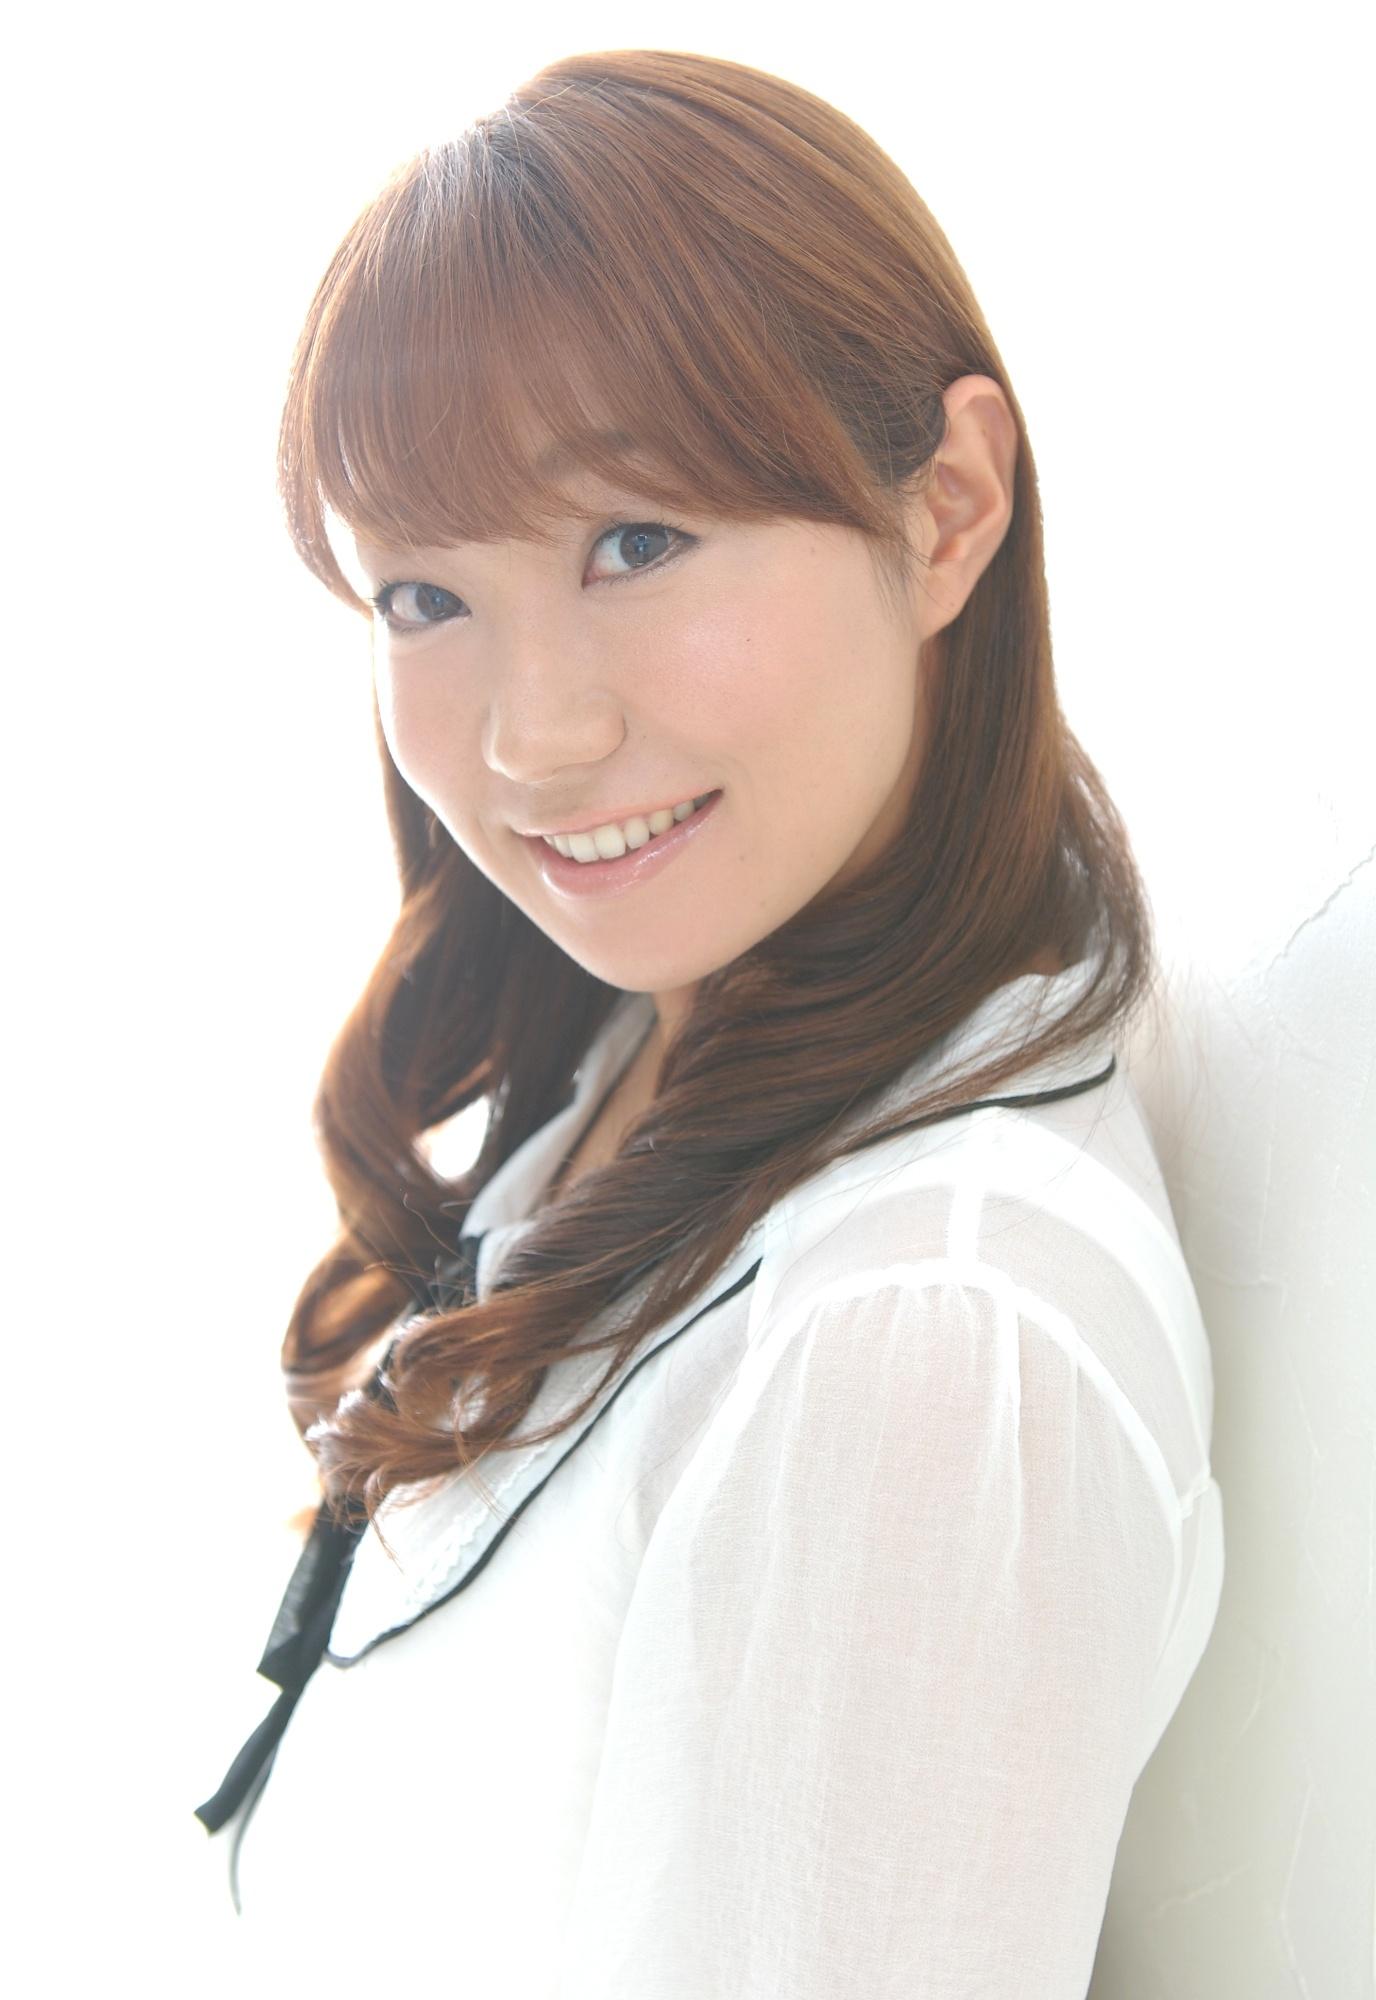 間桐桜役の声優・下屋則子。ゲームアプリ「Fate/Grand Order」ではパールヴァティー、BB、秦良玉の声を担当